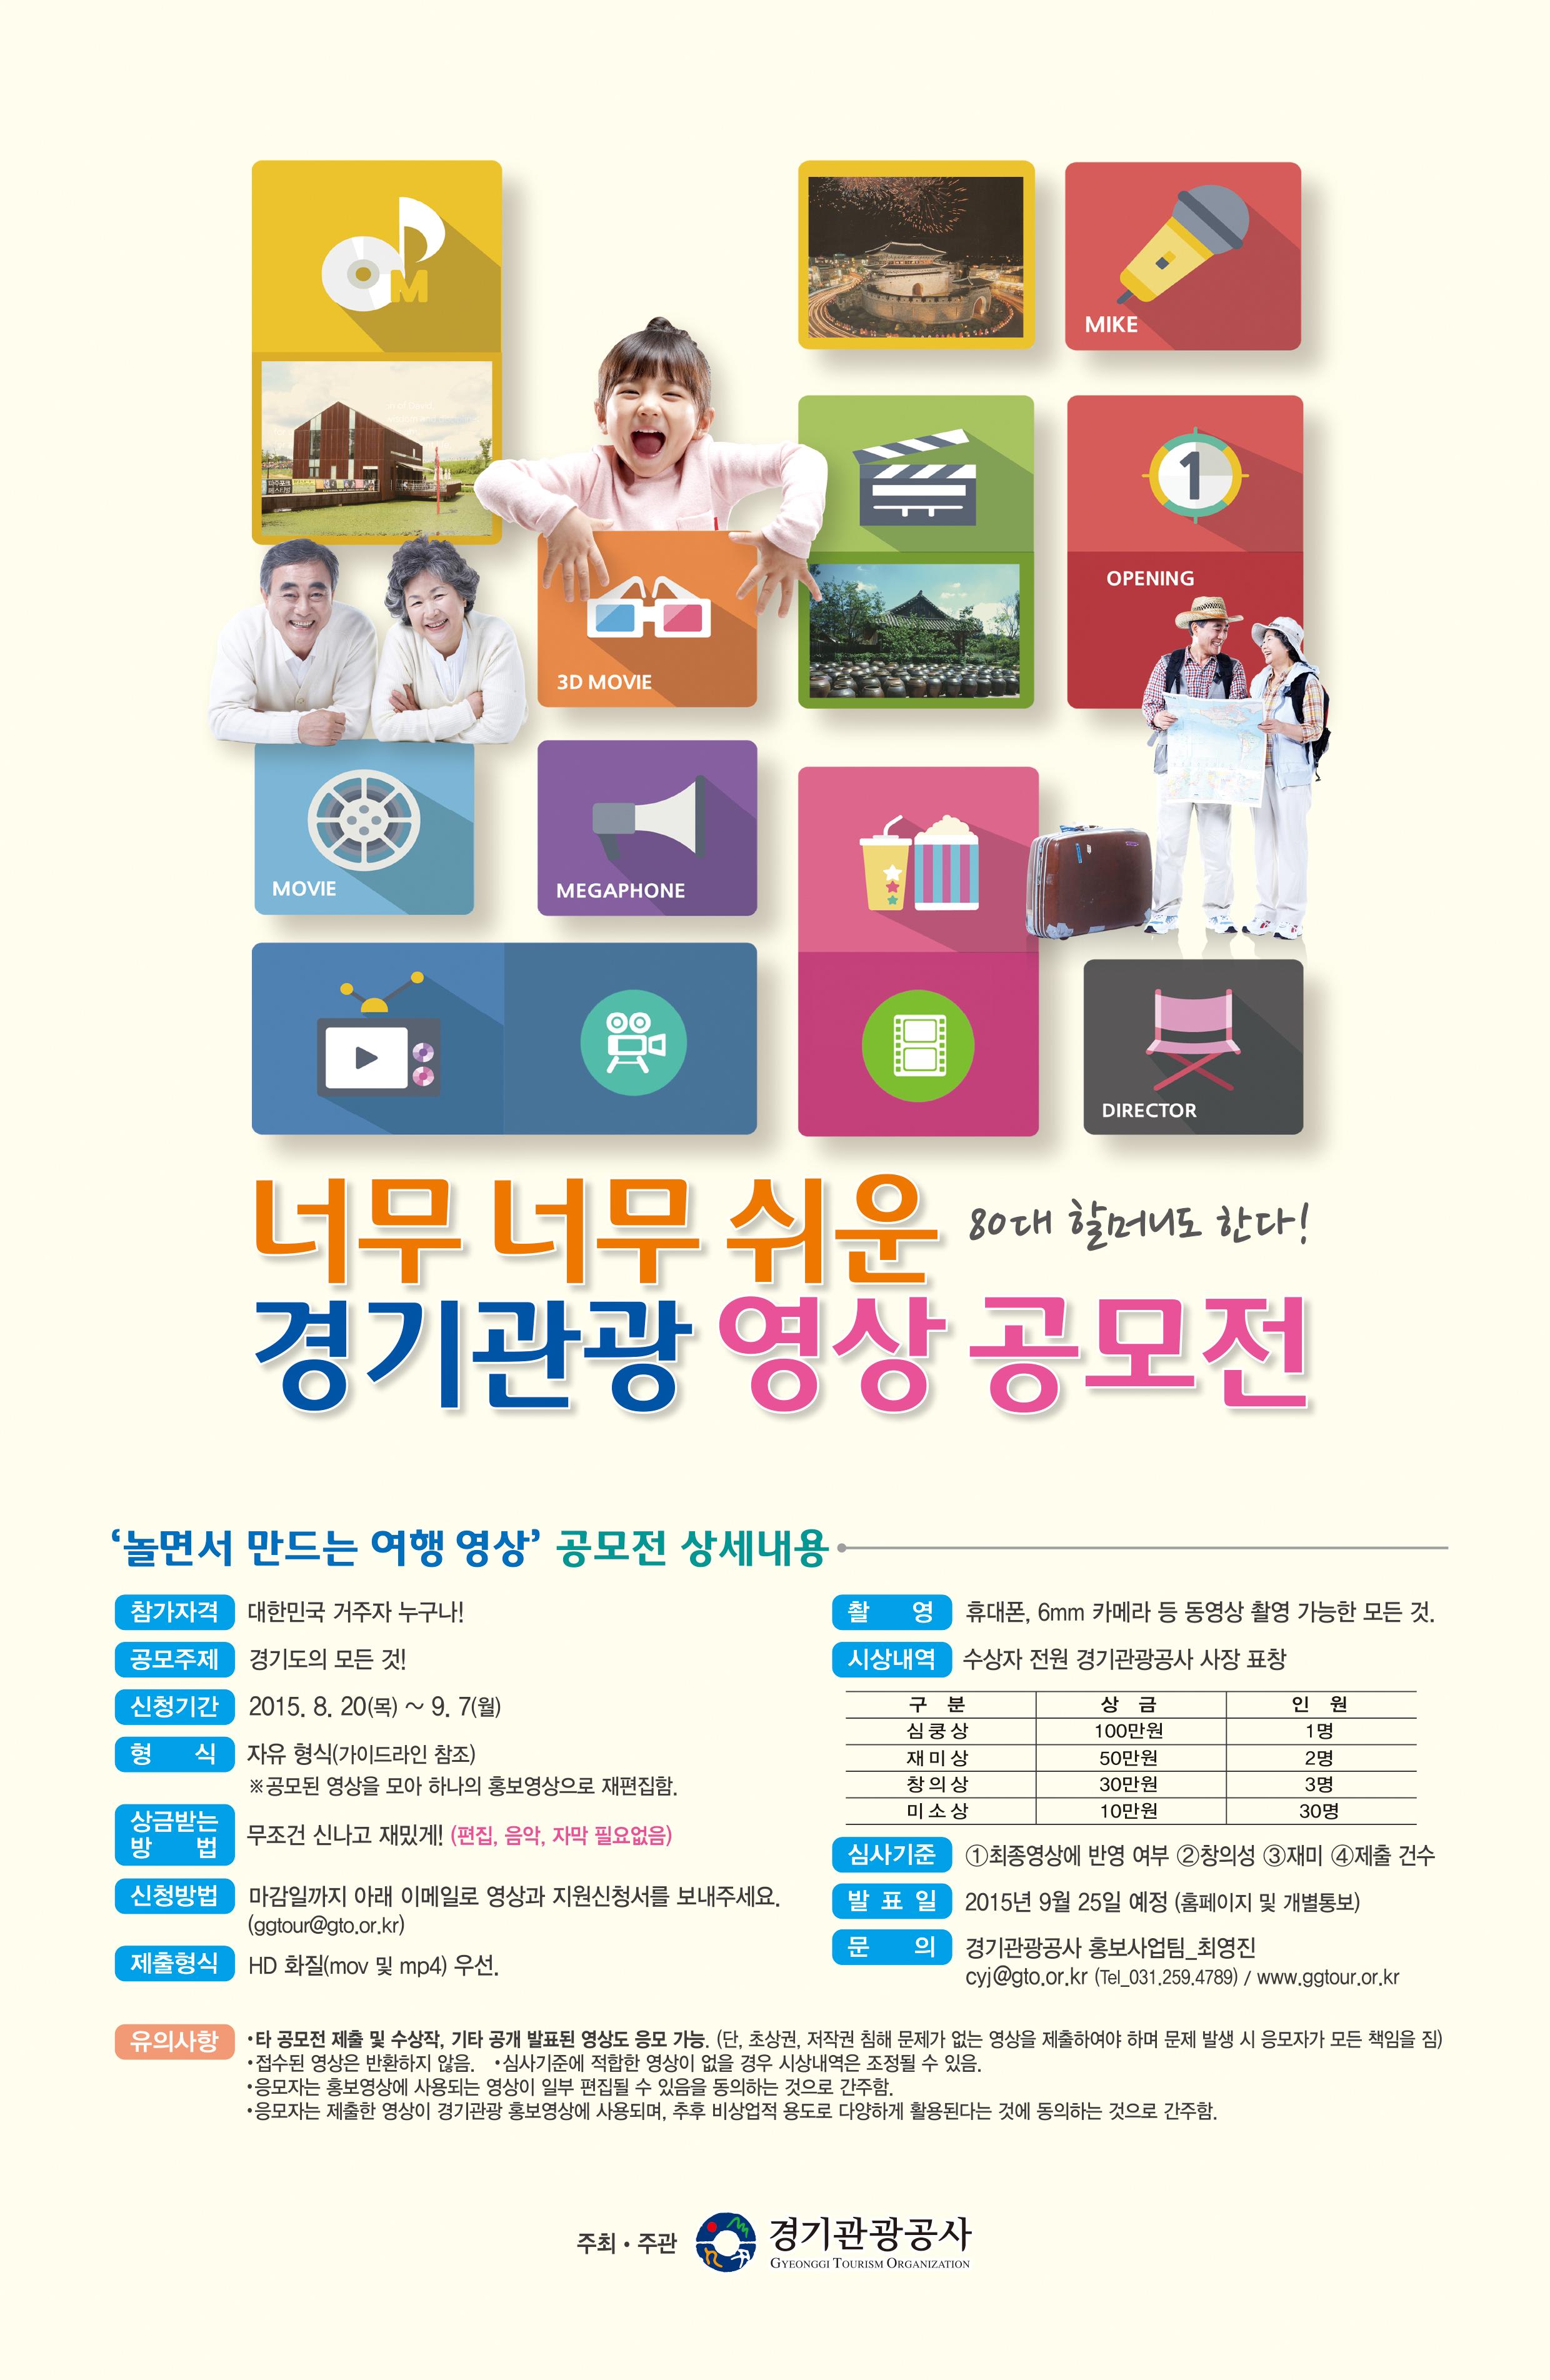 경기관광공사-영상 공모전-포스터-CS3-outline-545 84